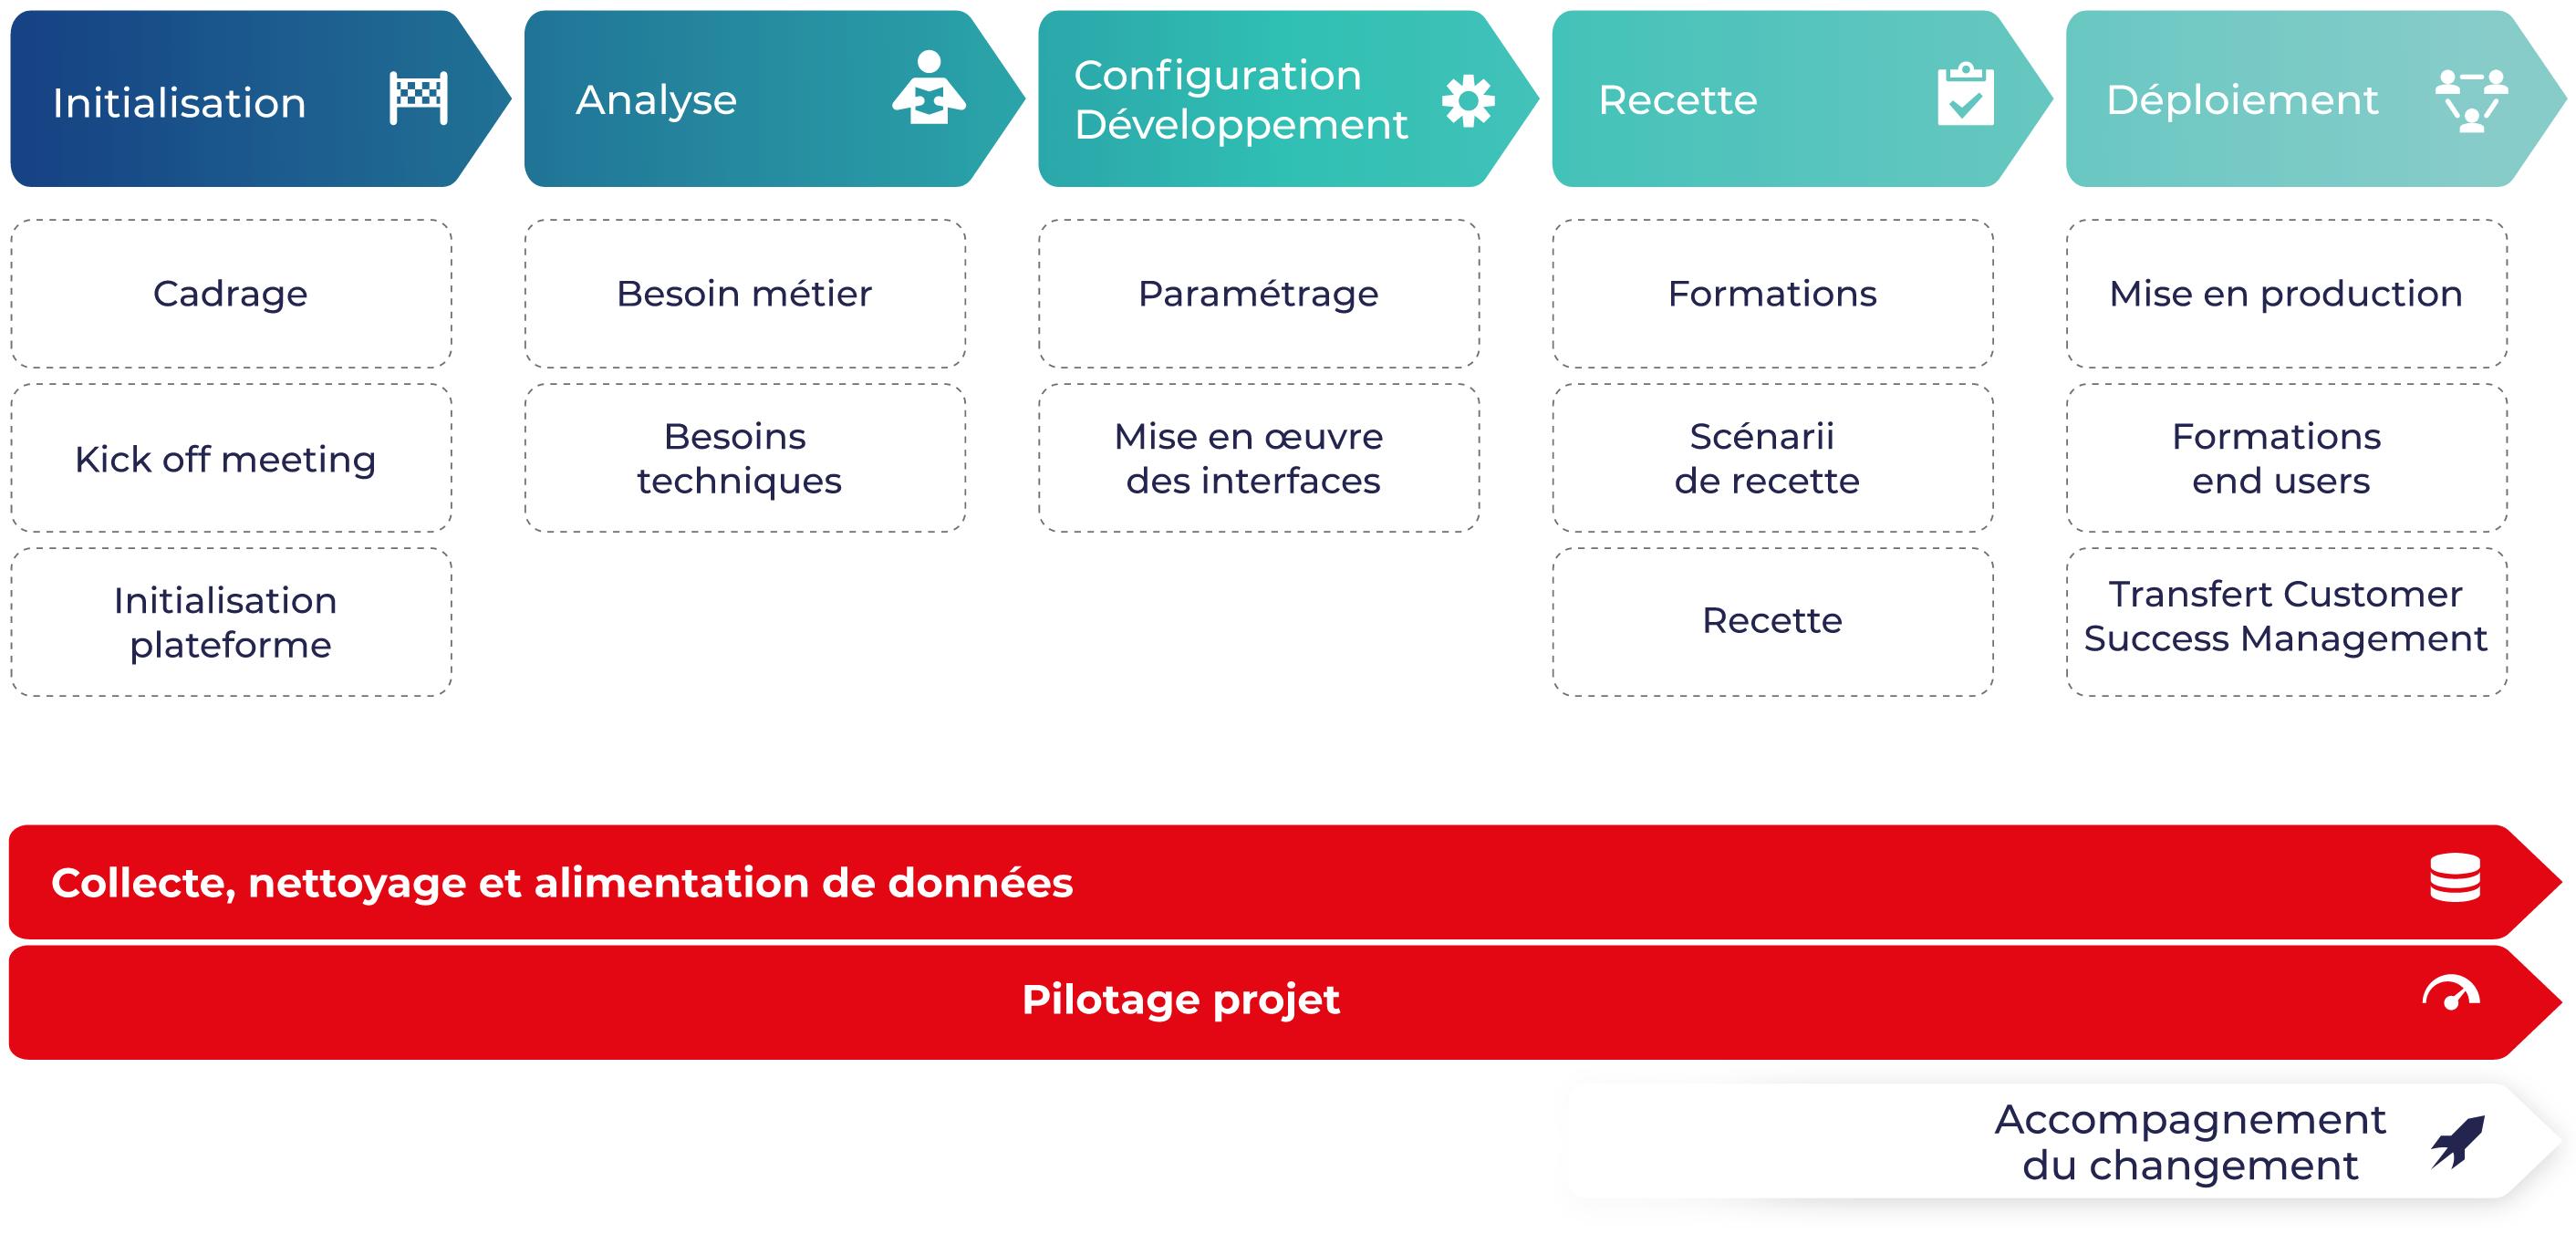 La méthodologie projet Oxalys vous aide à exploiter au maximum les fonctionnalités de votre logiciel et du digital tout en s'adaptant à votre contexte et à vos besoins